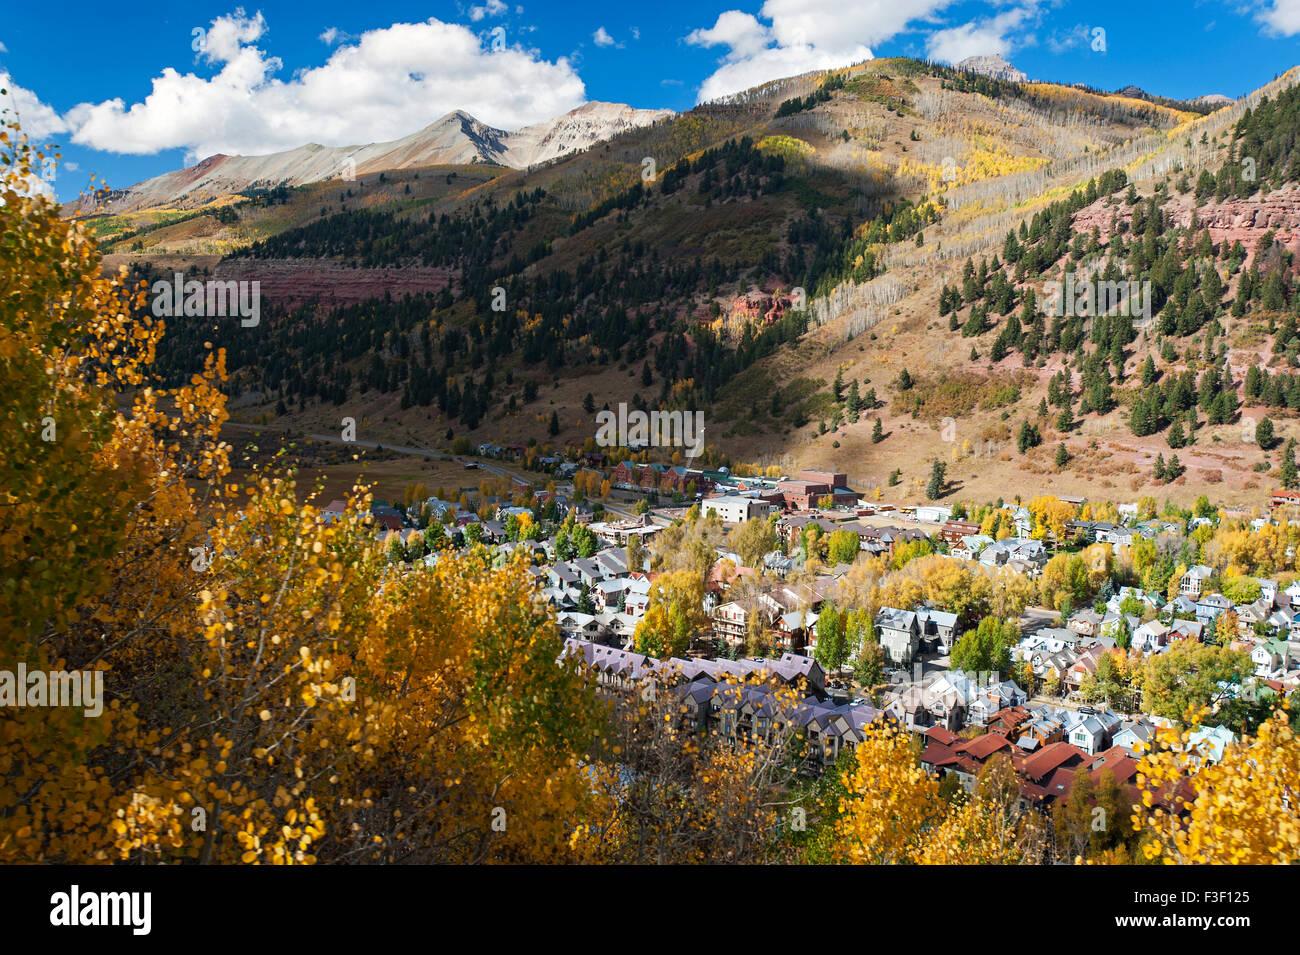 Herbst Blatt dispays in Telluride, Colorado, von einer Gondel aus gesehen Stockbild